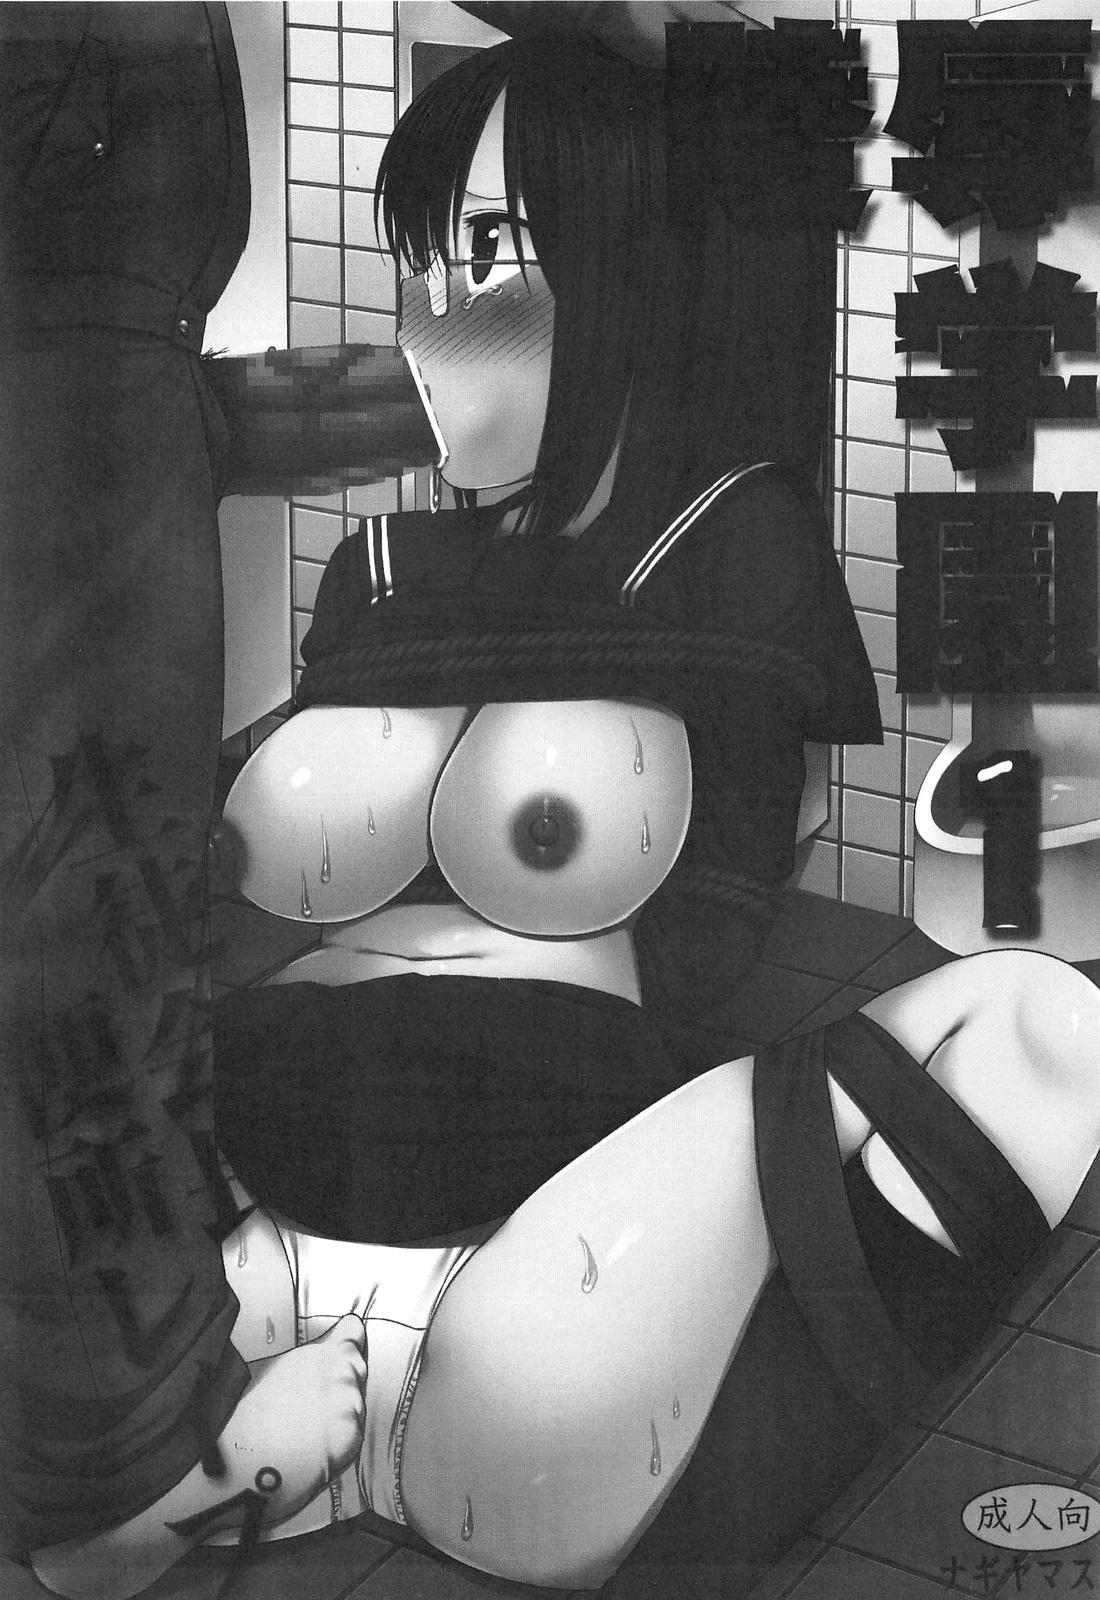 【エロ漫画・エロ同人】巨乳女子校生がゲスな用務員にオナニー写真撮られてエッチ強要されてるwフェラチオで口内射精され拘束されたら陵辱レイプで中出しセックスされちゃったwww